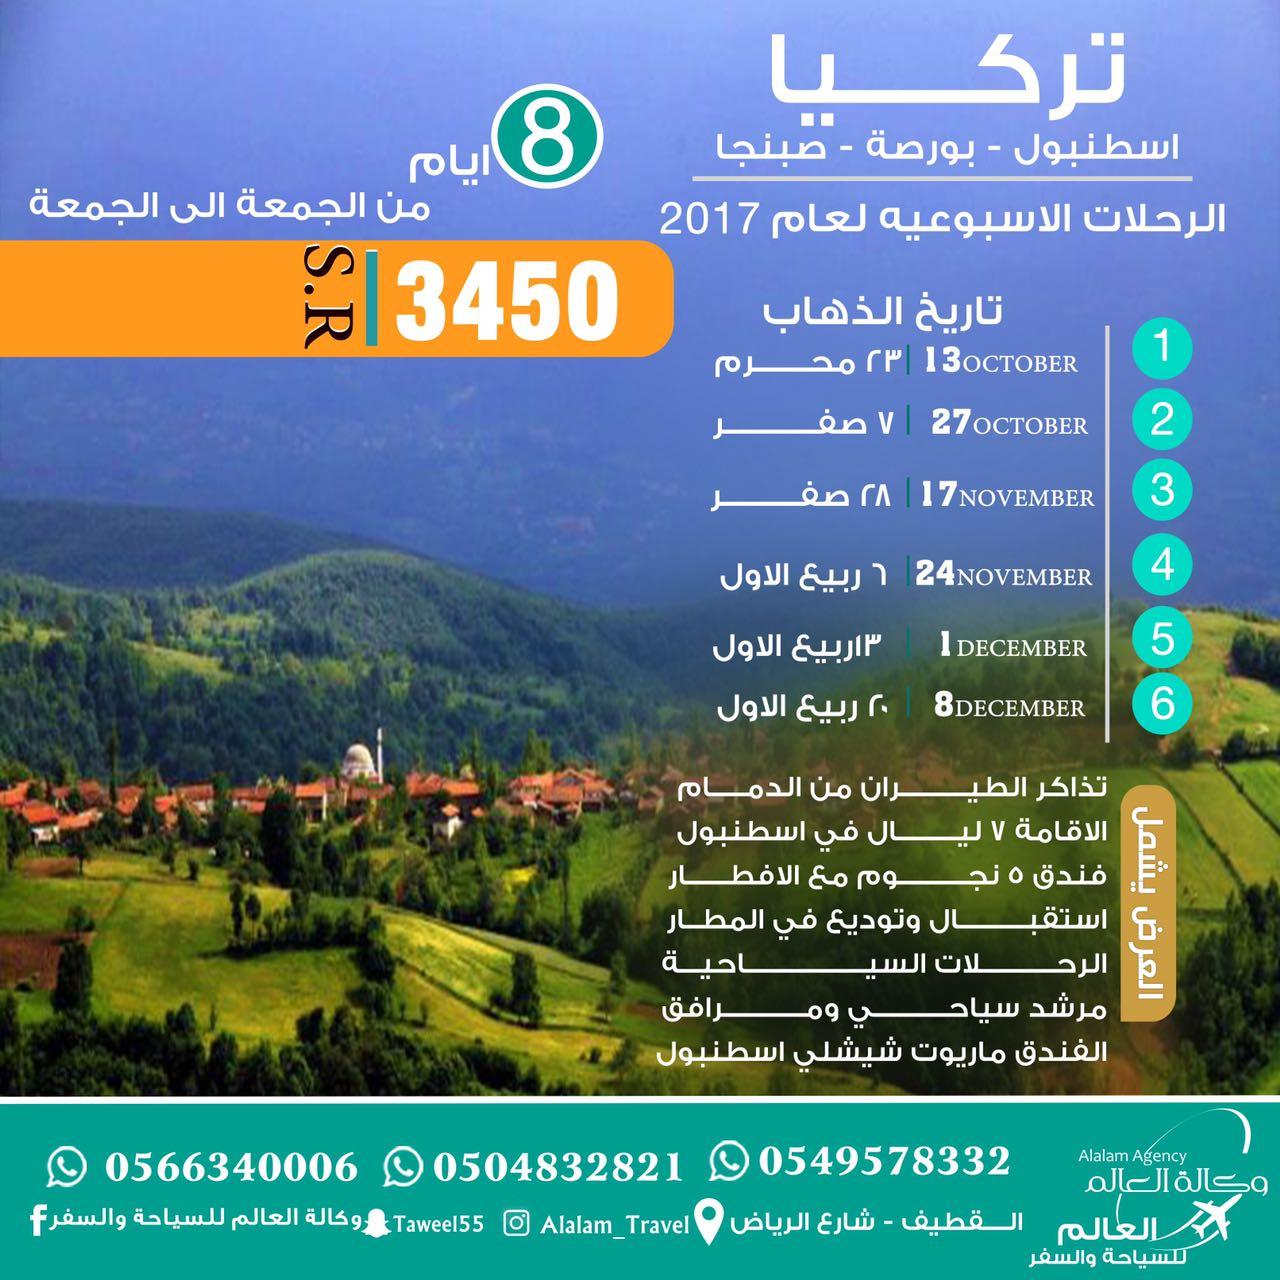 عروض السفر لتركيا 2017